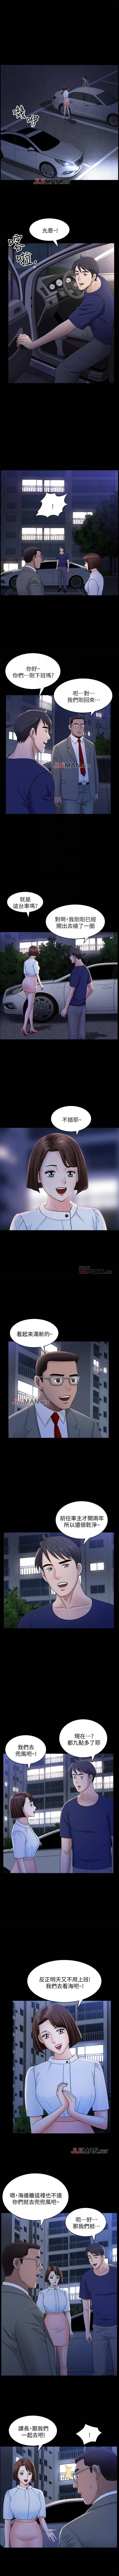 【周日连载】双妻生活(作者:skyso) 第1~23话 122